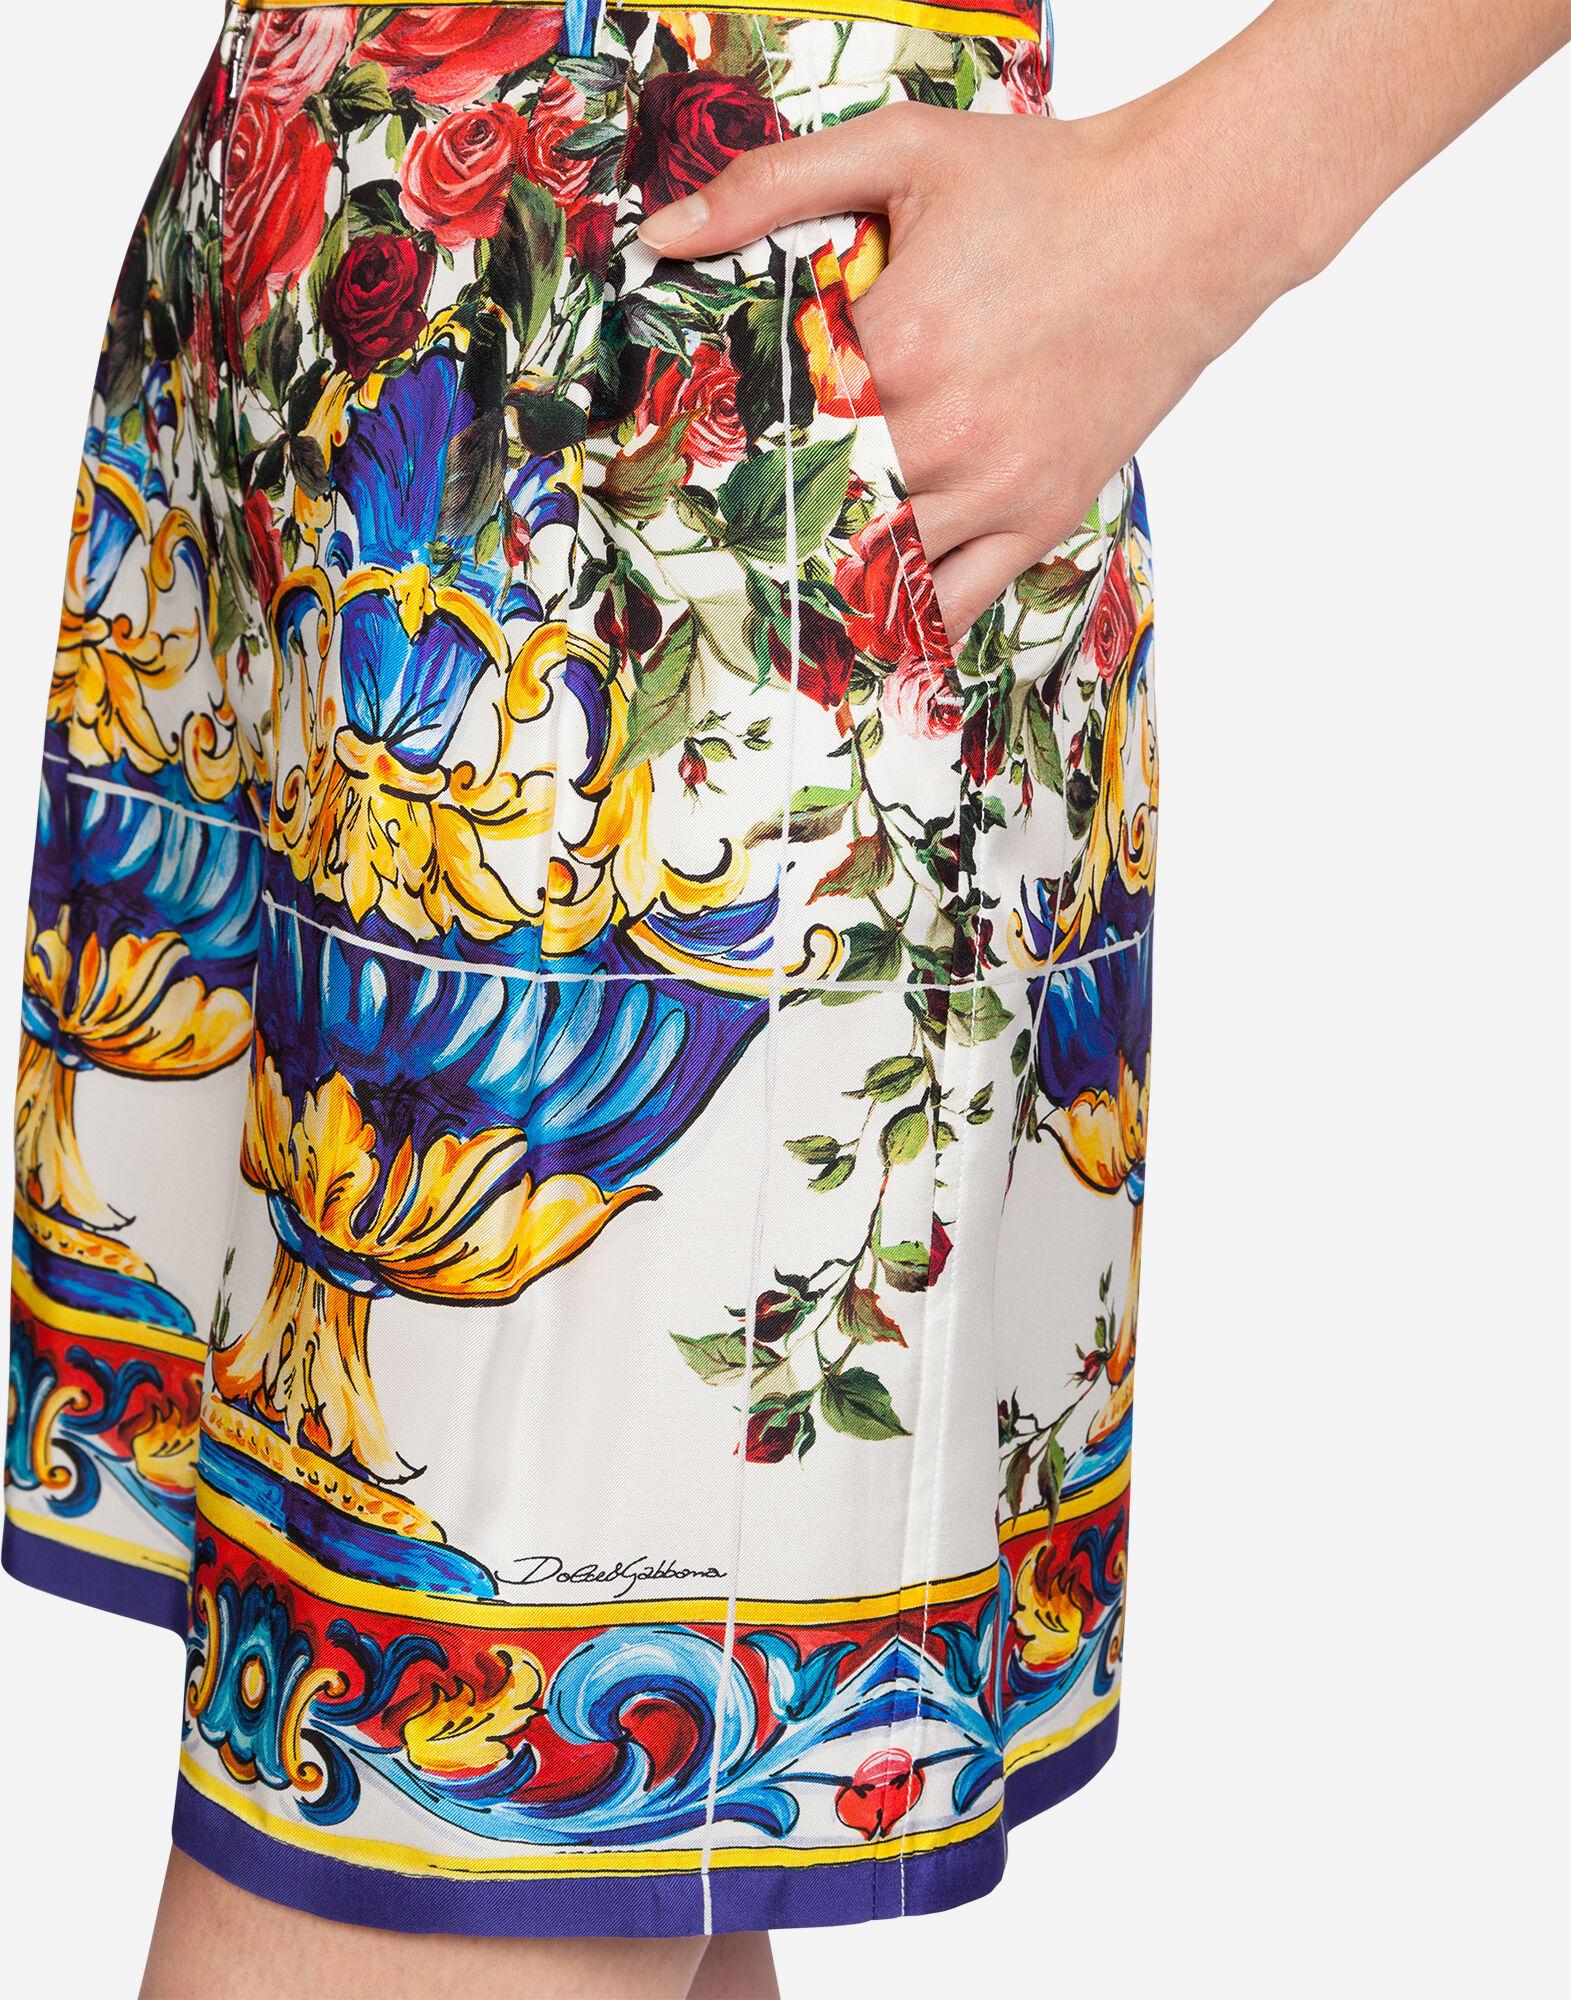 Dolce&Gabbana PRINTED SILK SHORTS